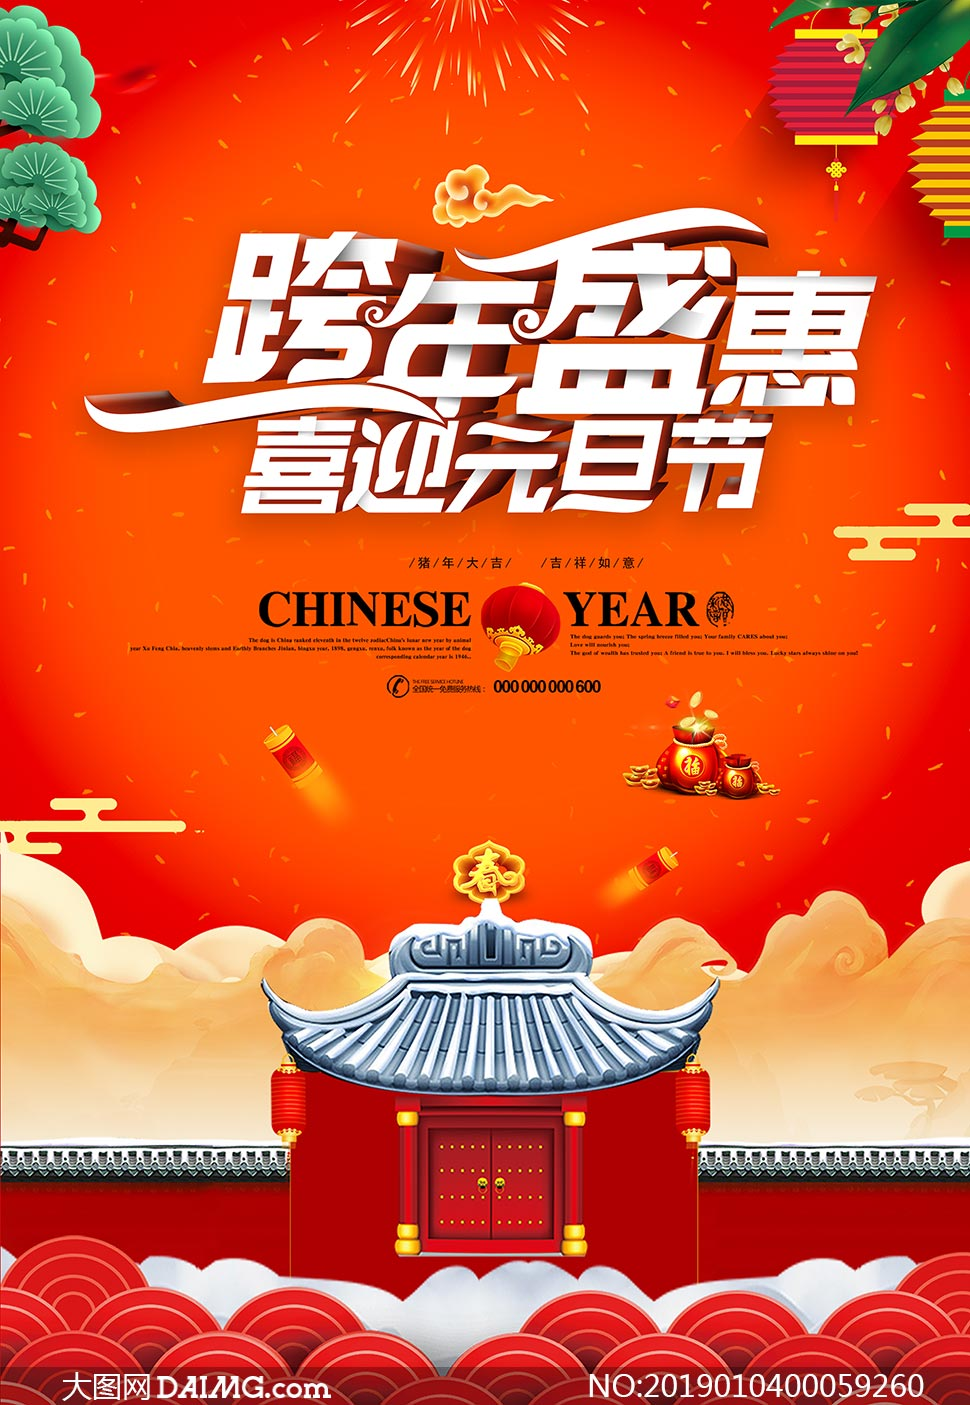 猪年跨年盛惠宣传海报设计psd素材